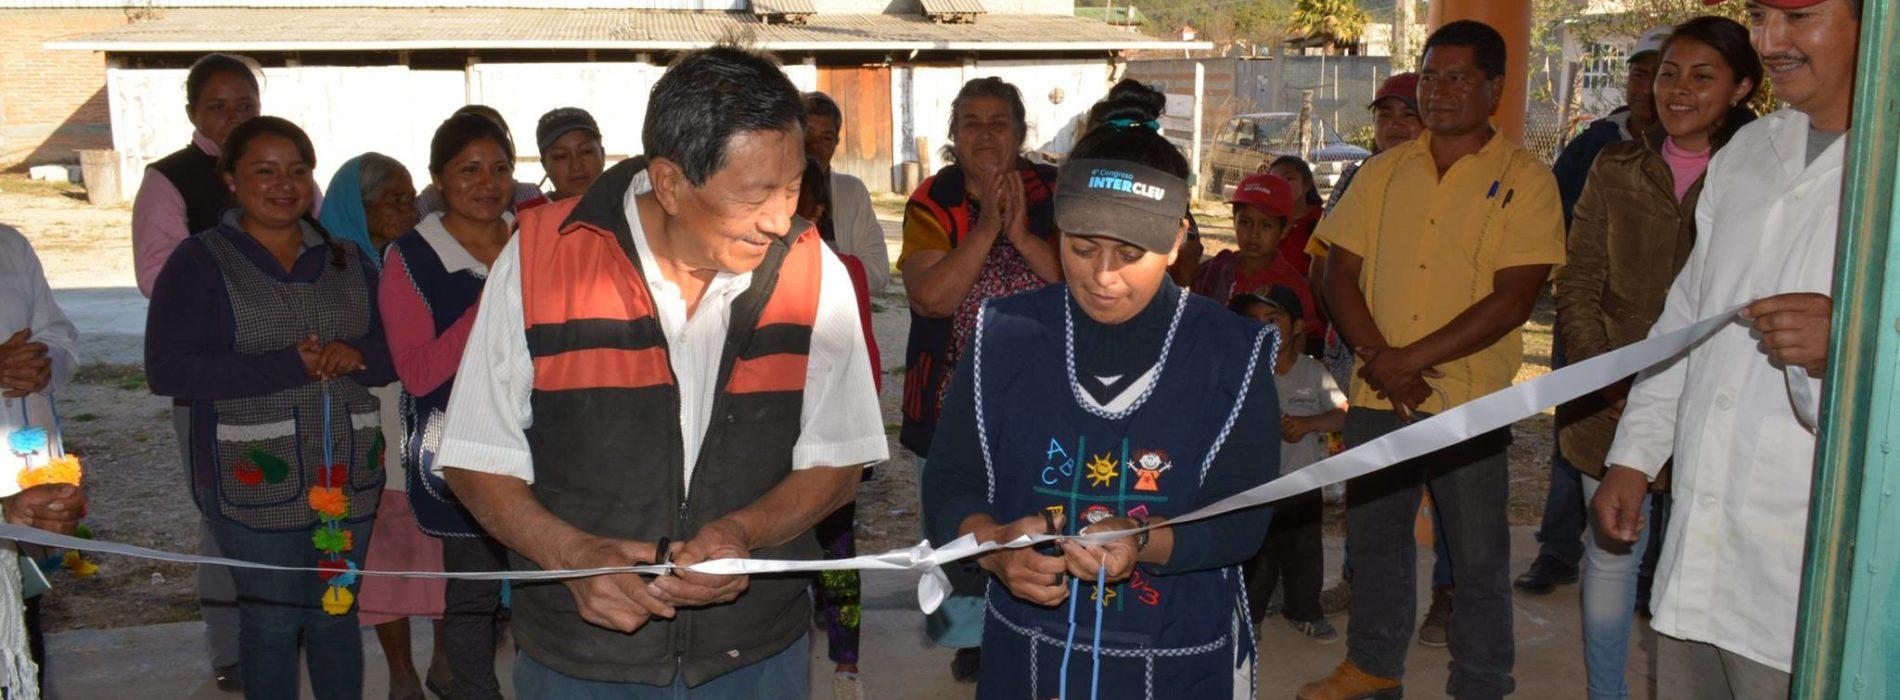 EL H. AYUNTAMIENTO DE CHALCATONGO DE HIDALGO, INAUGURA CURSO DE REPOSTERÍA EN CAÑADA MORELOS